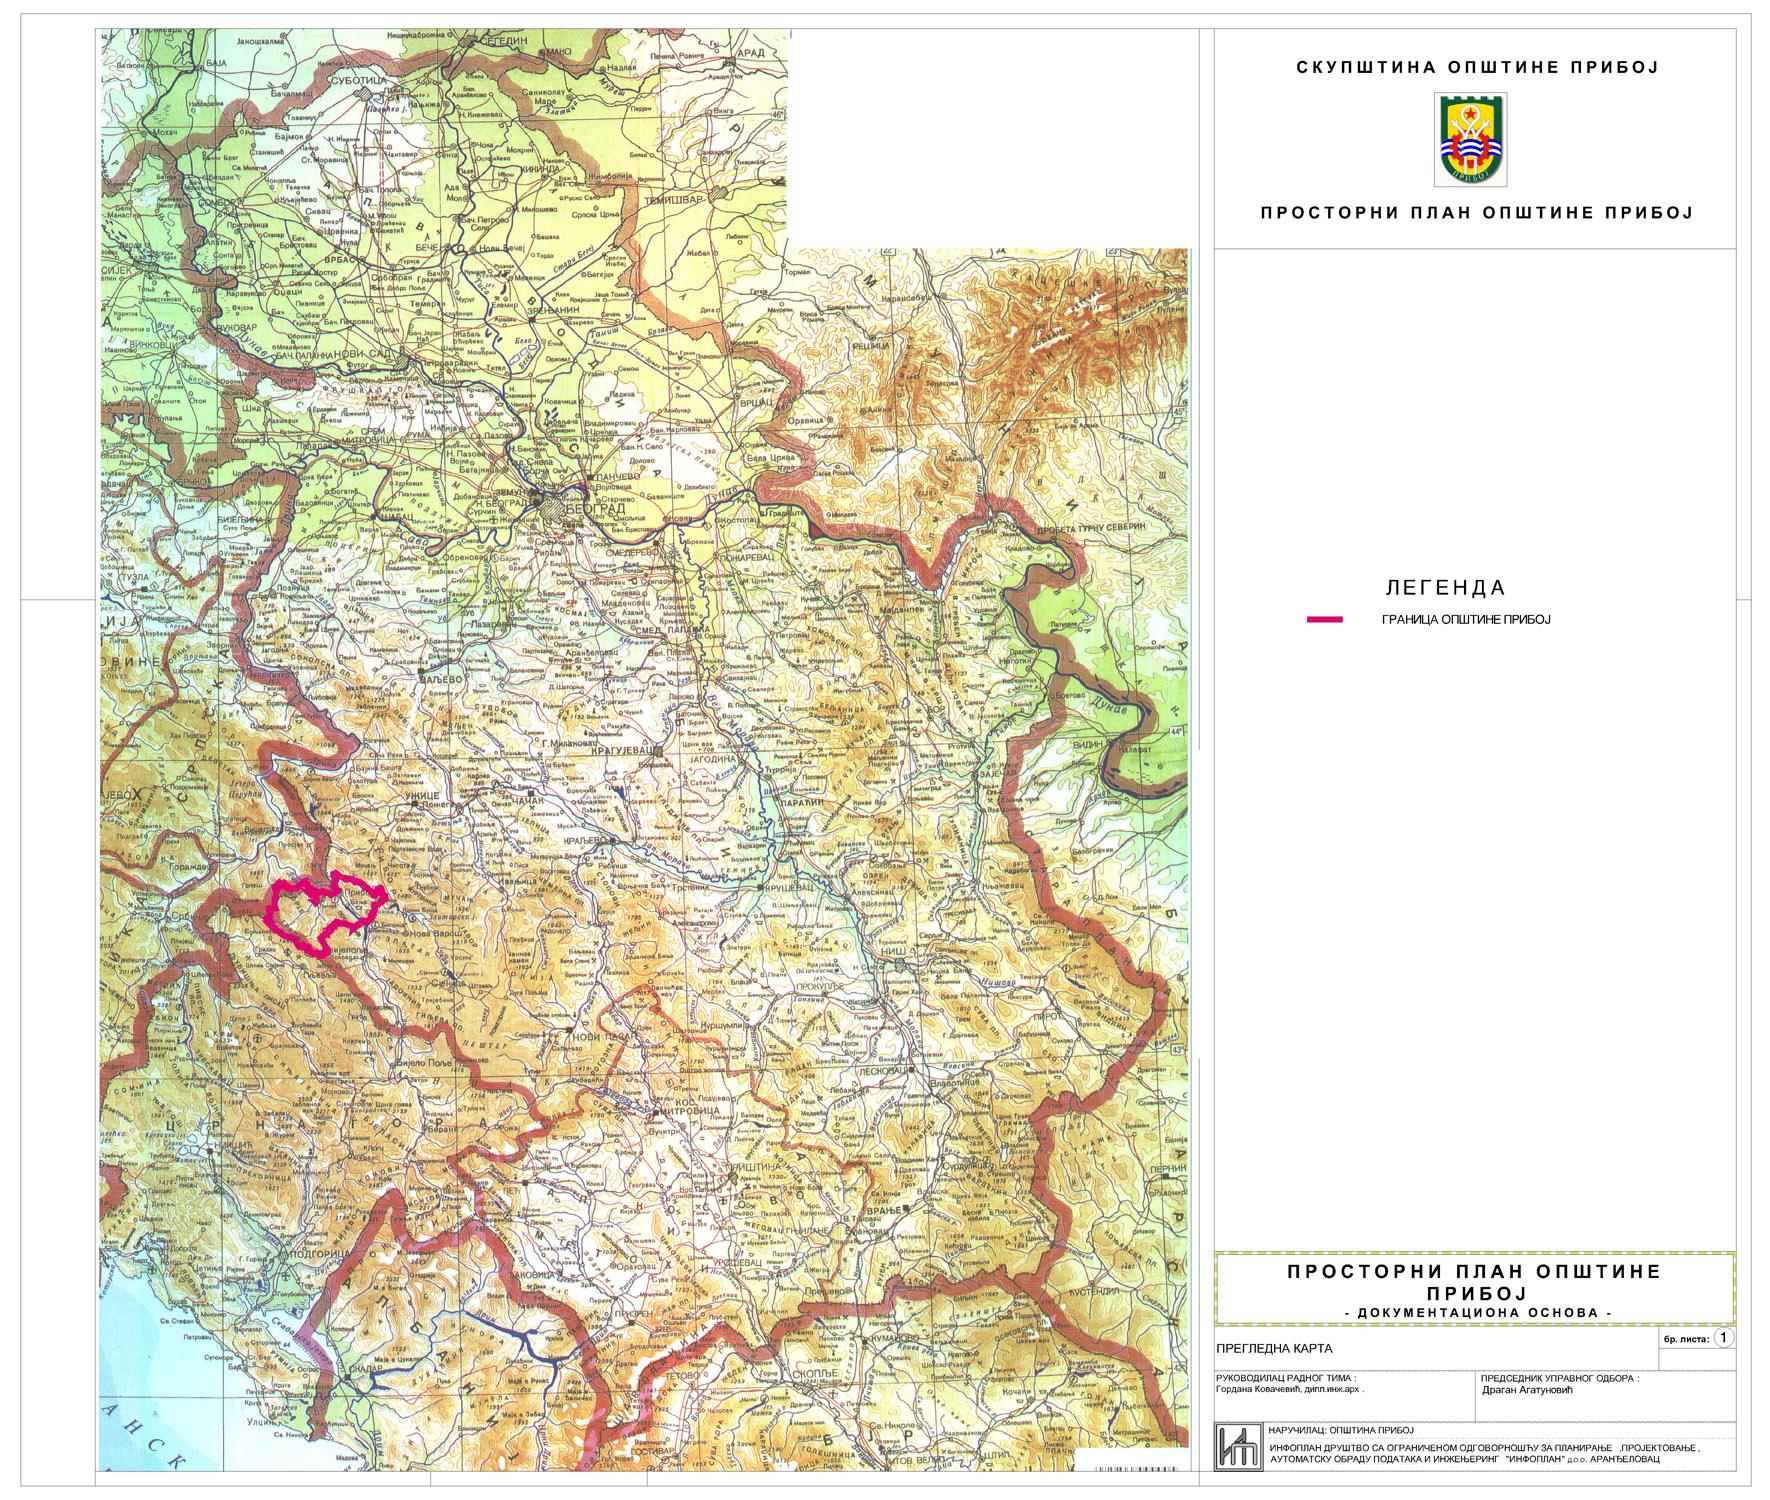 geografska karta srbije reljef Urbanizam   Општина Прибој geografska karta srbije reljef